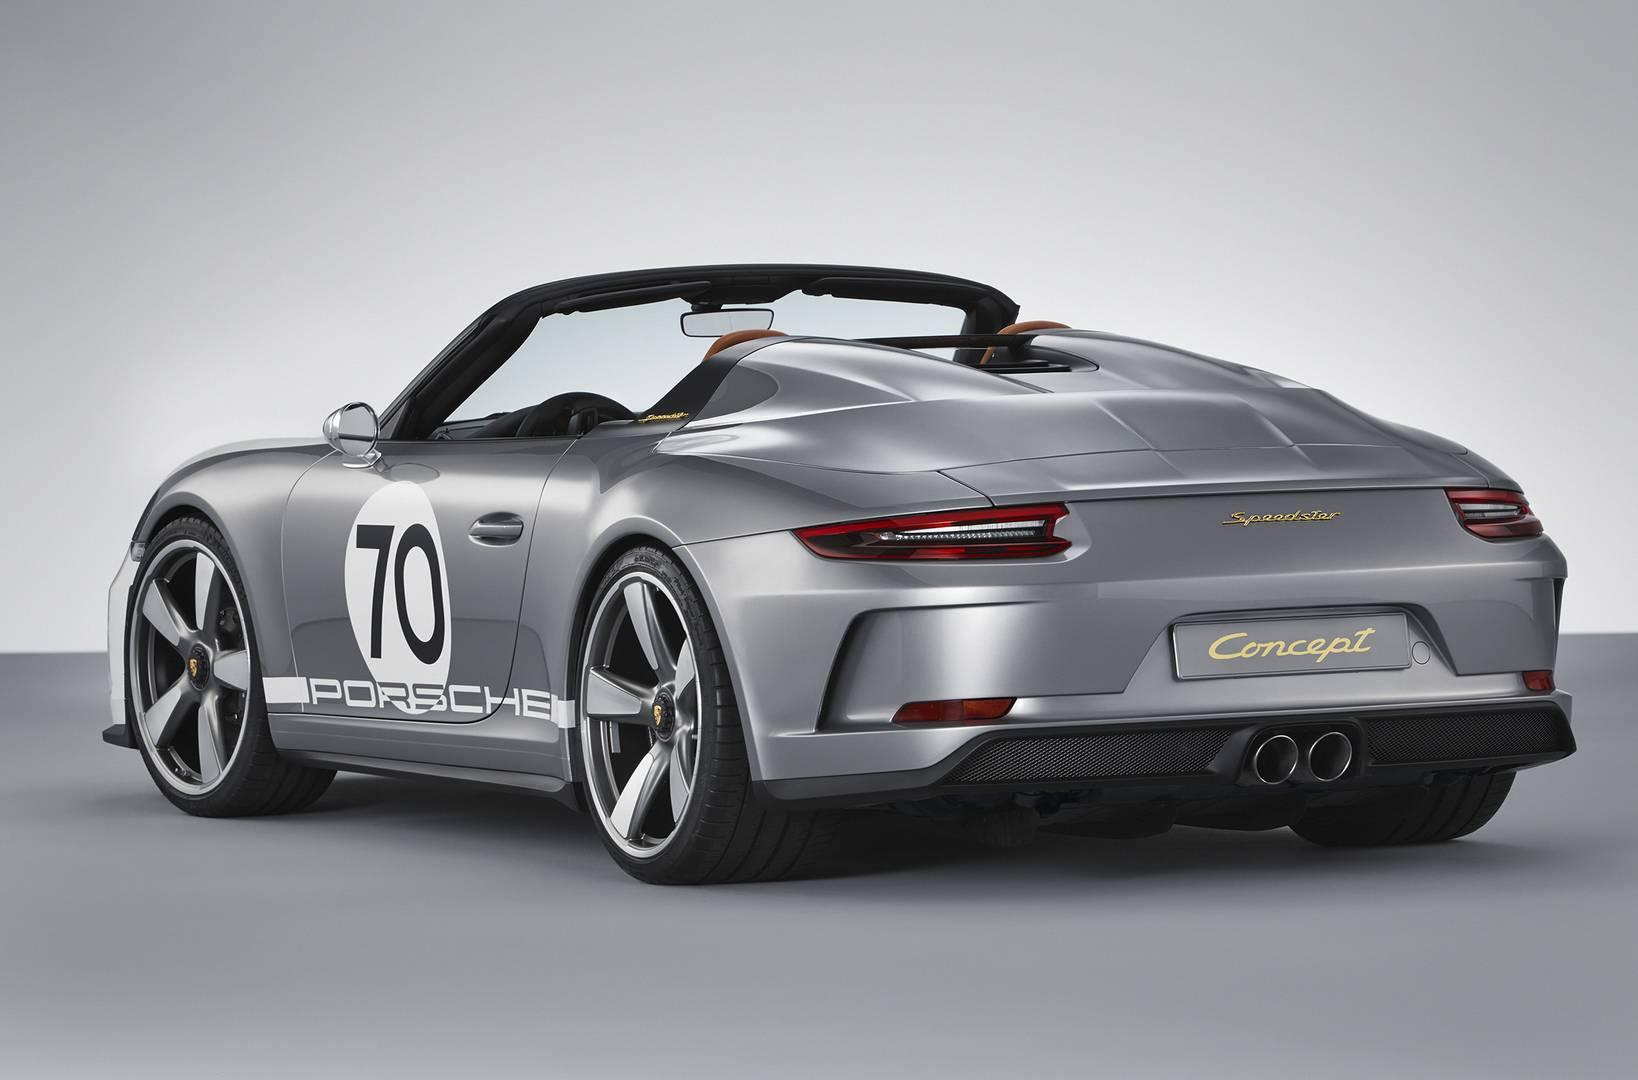 911 Speedster Concept получает легкую крышку вместо складного верха.